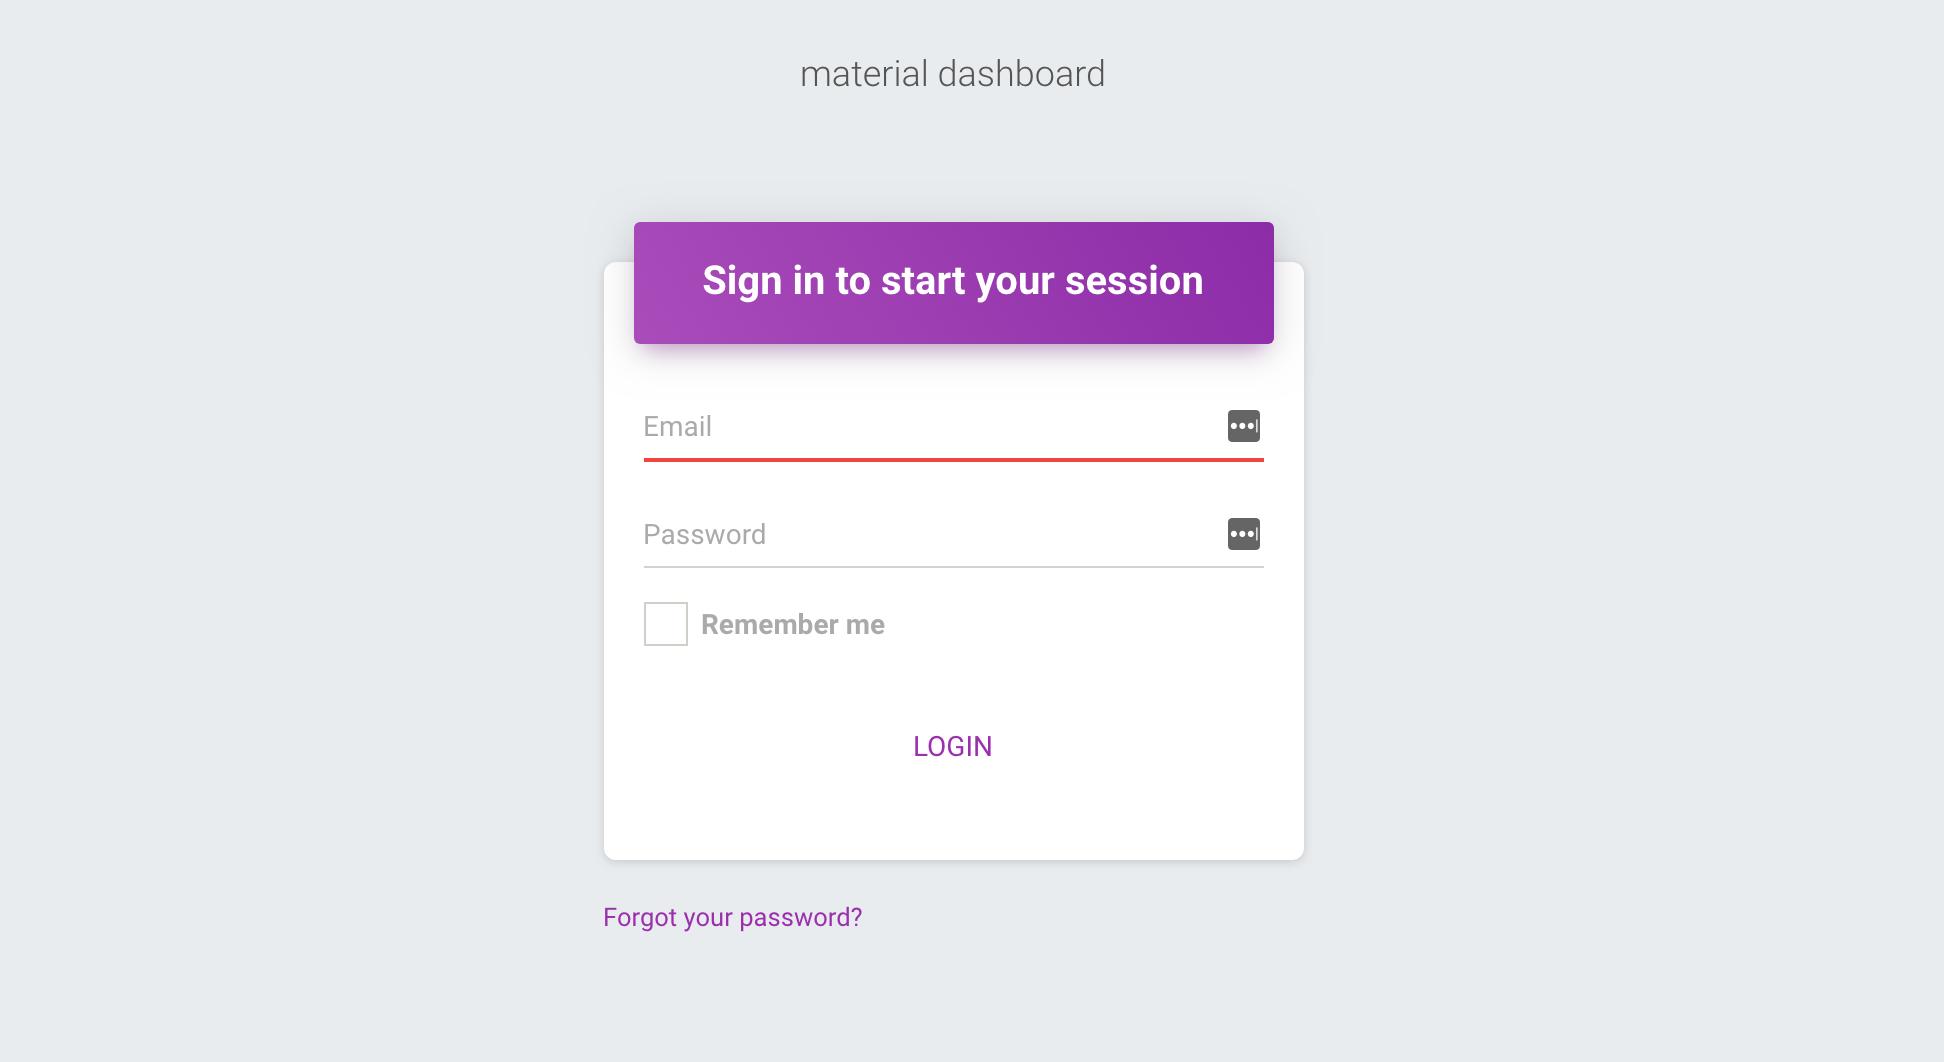 Laravel Material Dashboard screenshot